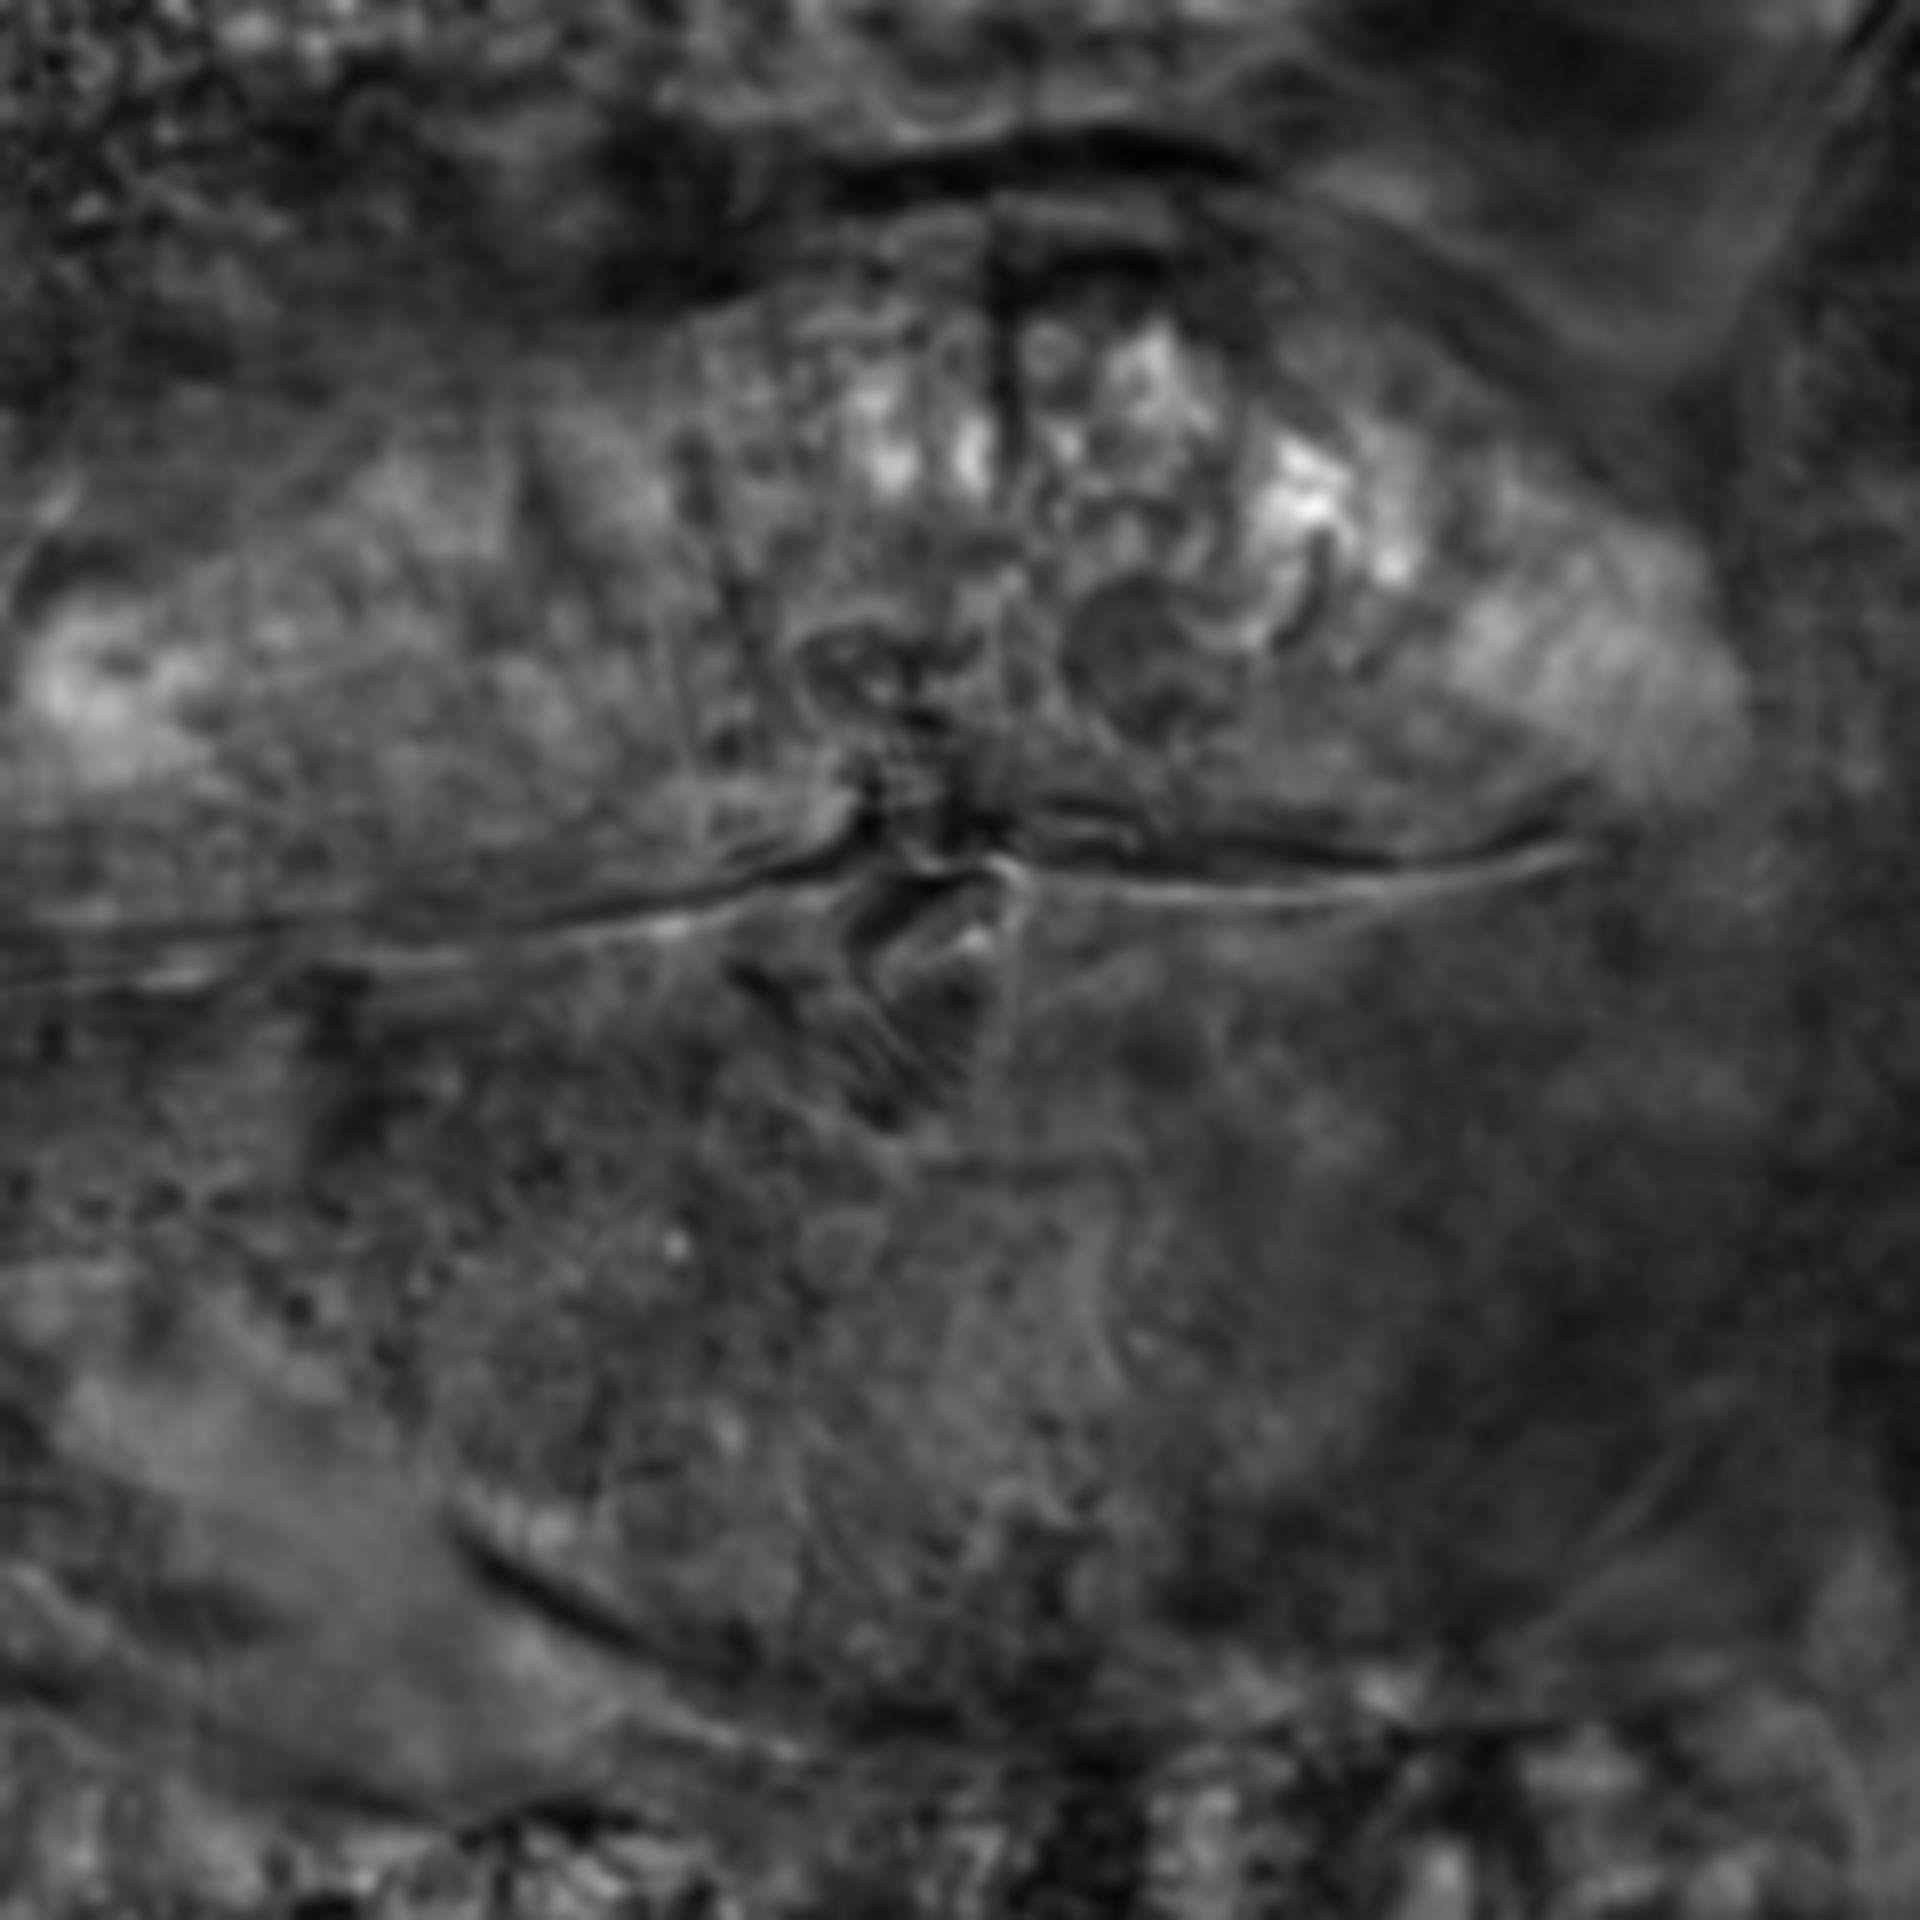 Caenorhabditis elegans - CIL:2672